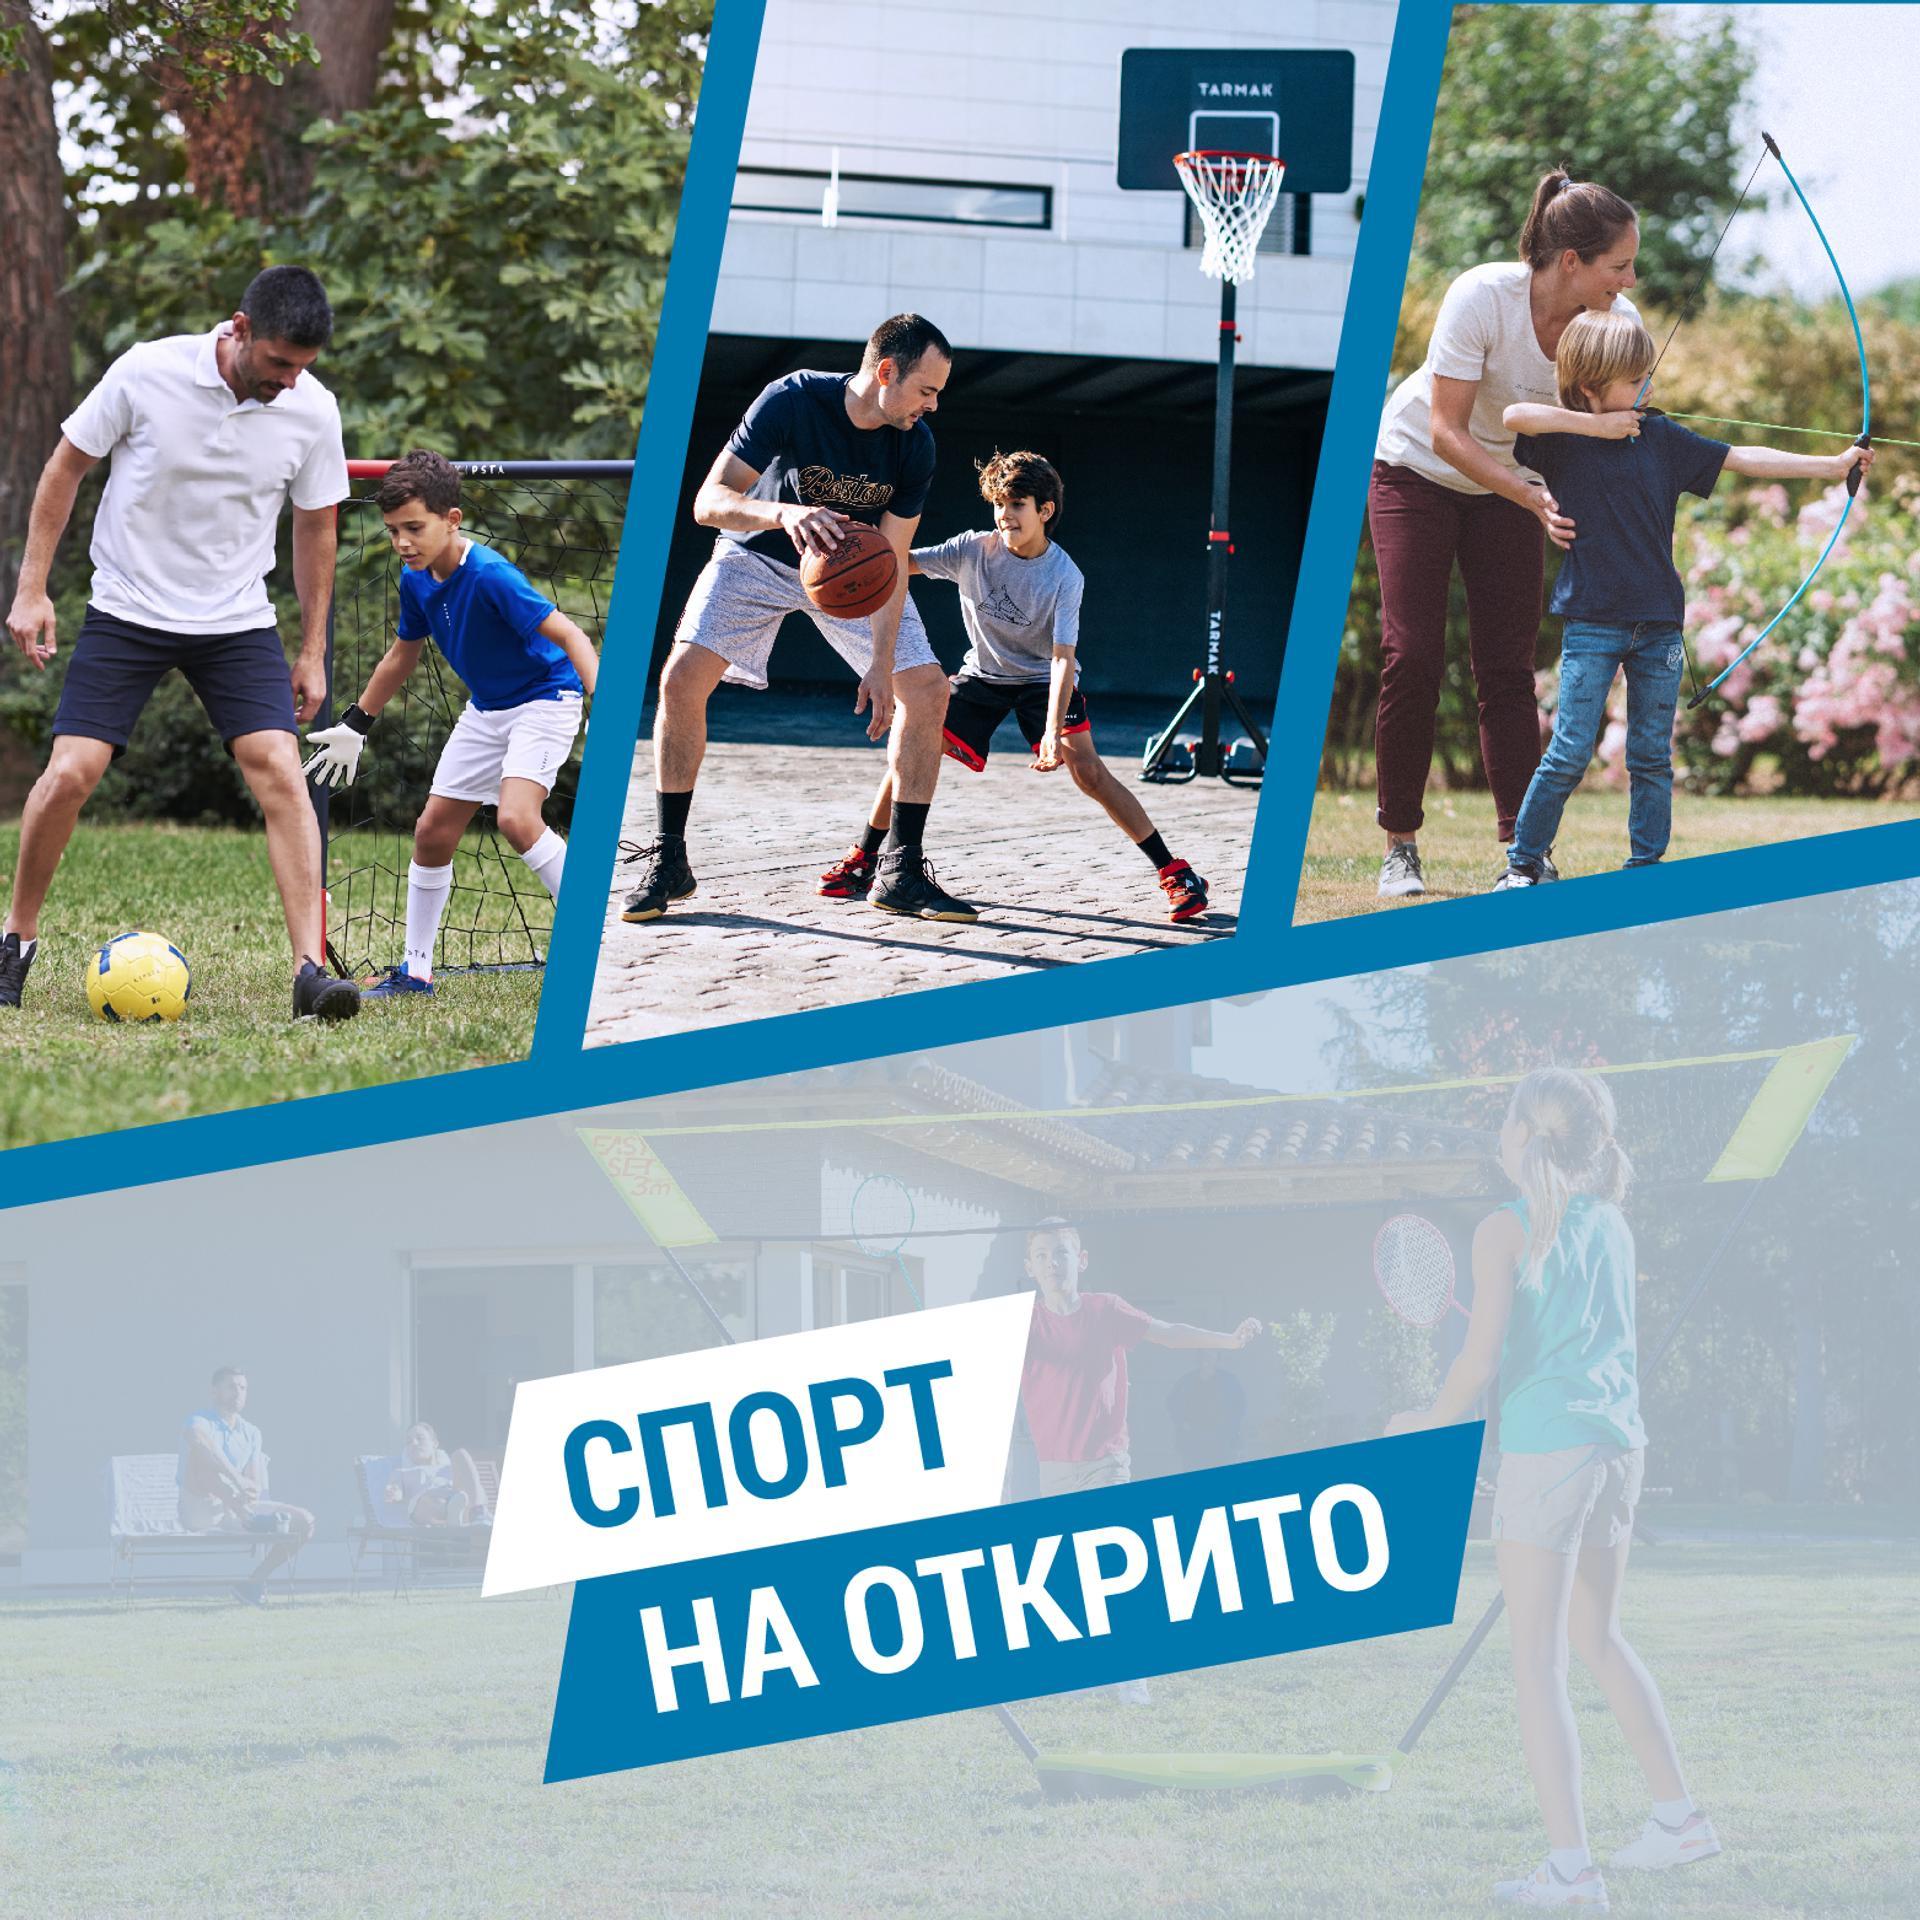 sport_outside-01-01.jpg